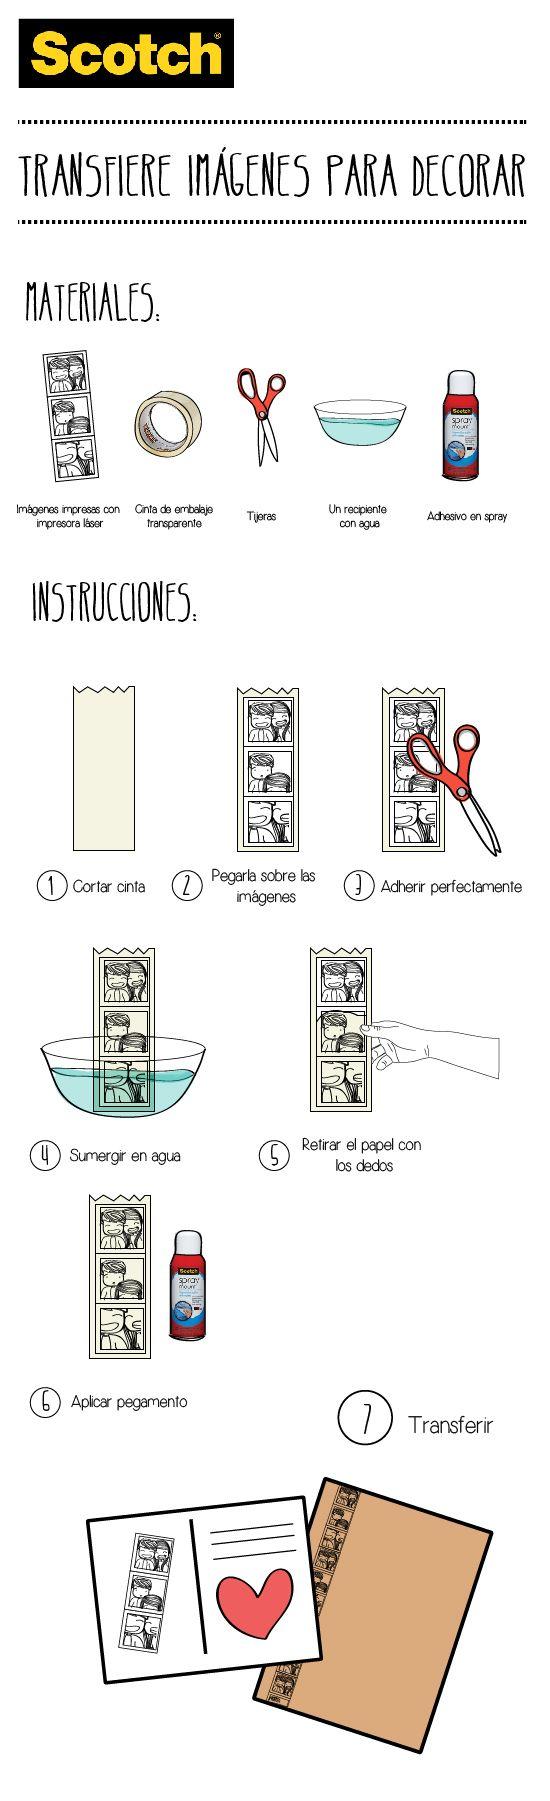 Ideas, Manualidades y Scrapbooking: Transfiere fotos con cinta adhesiva Scotch® | Scotch® México